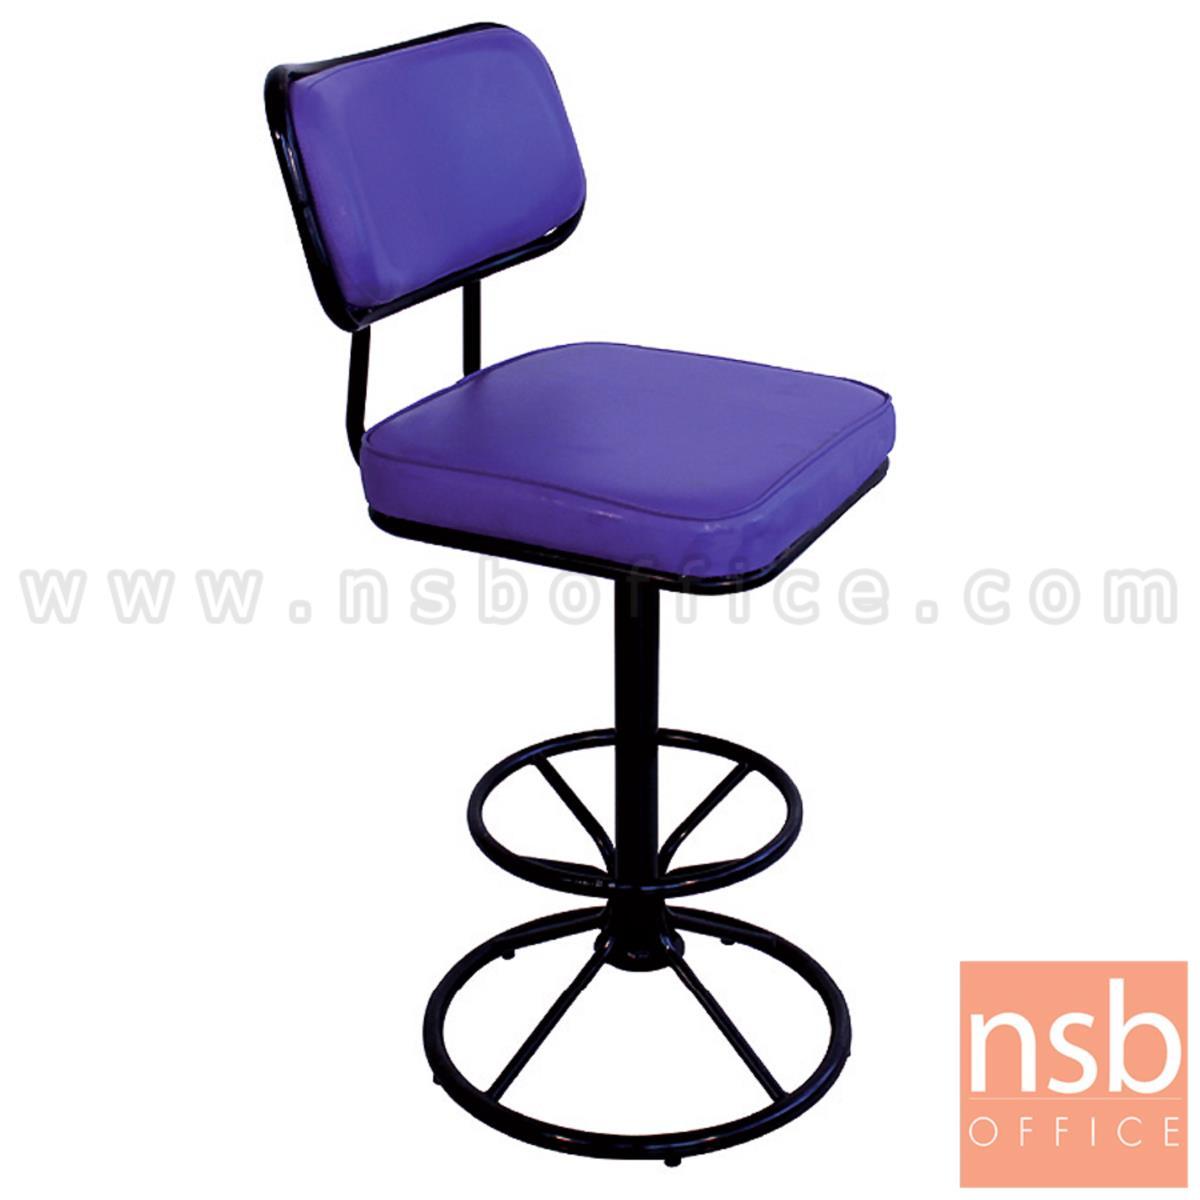 B09A217:เก้าอี้บาร์ที่นั่งเหลี่ยมมีพิง ขาบาร์สูง  รุ่น Nottingham (นอตทิงแฮม) ขนาด 76H cm. โครง-ขาเหล็ก